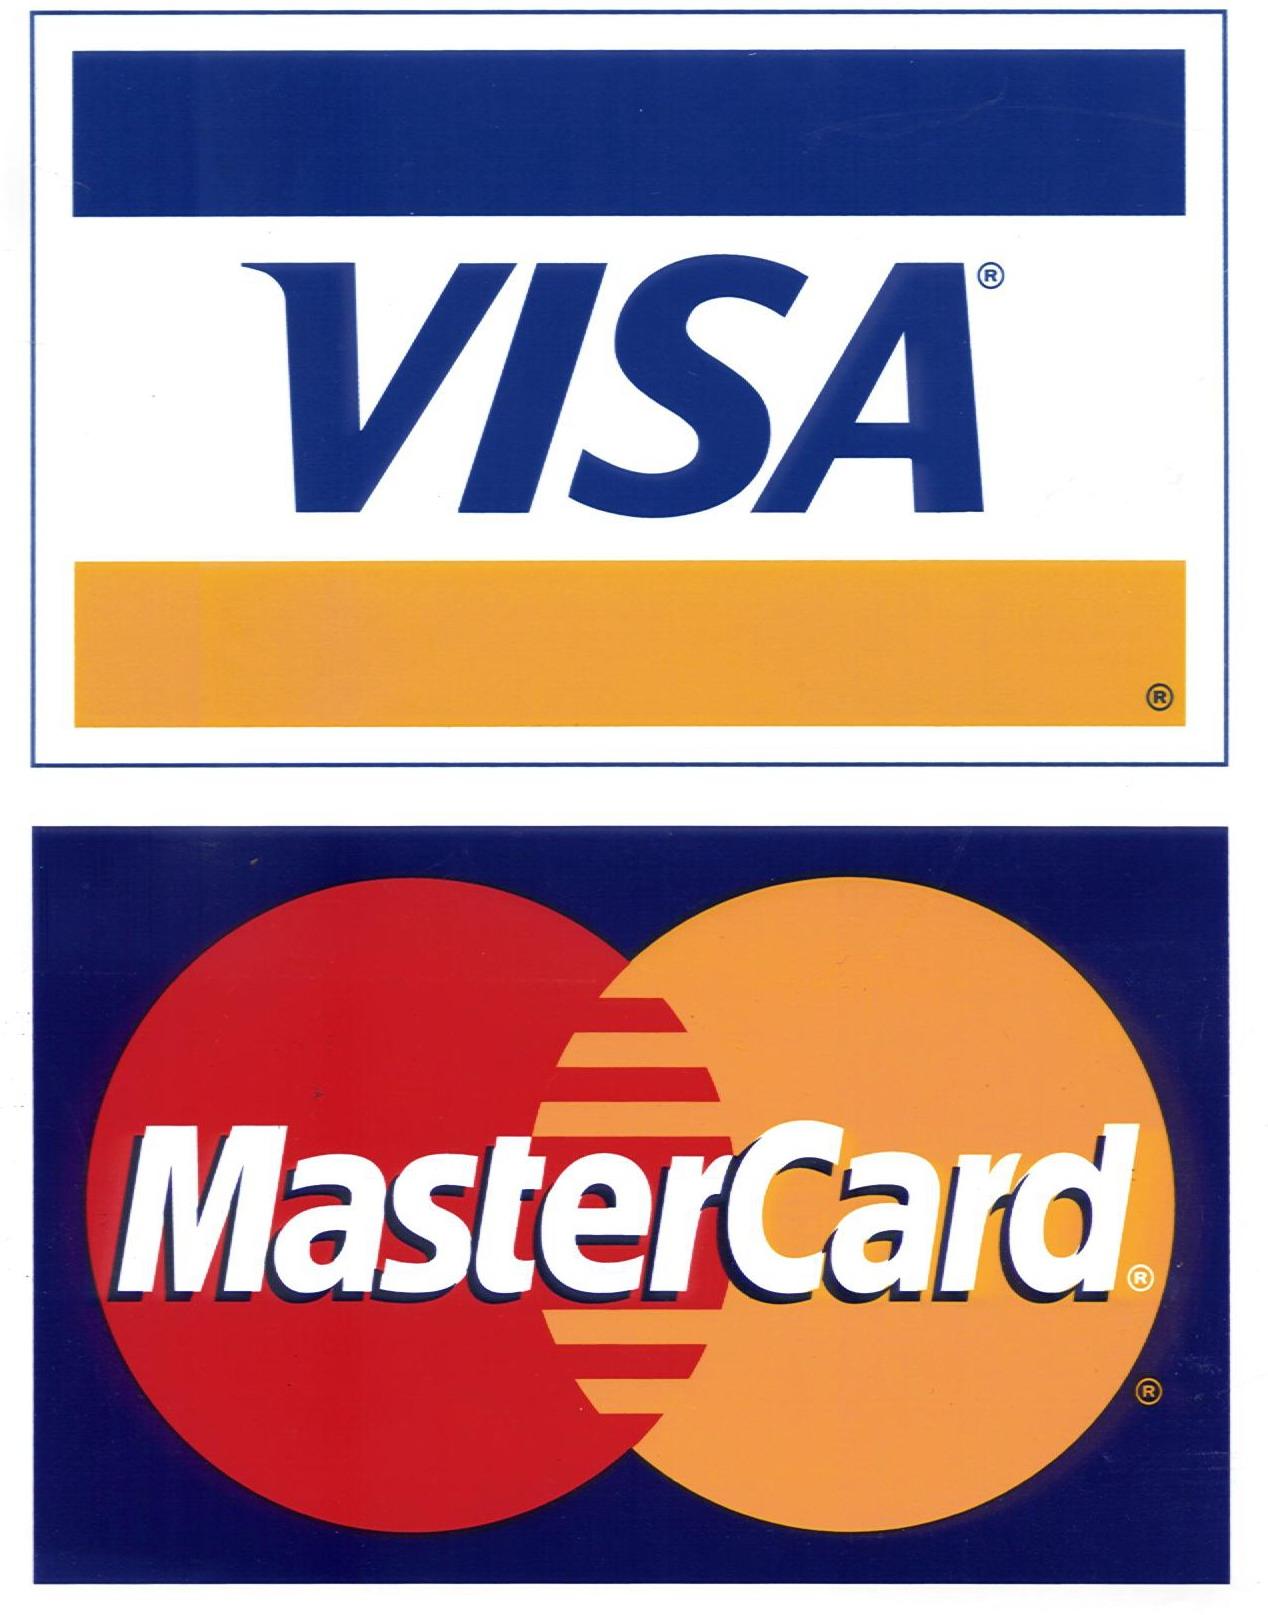 1788cc31b68e SZÉP kártya elfogadóhely Aktuális ajánlatok - Pálmajor Pihenőpark és ...